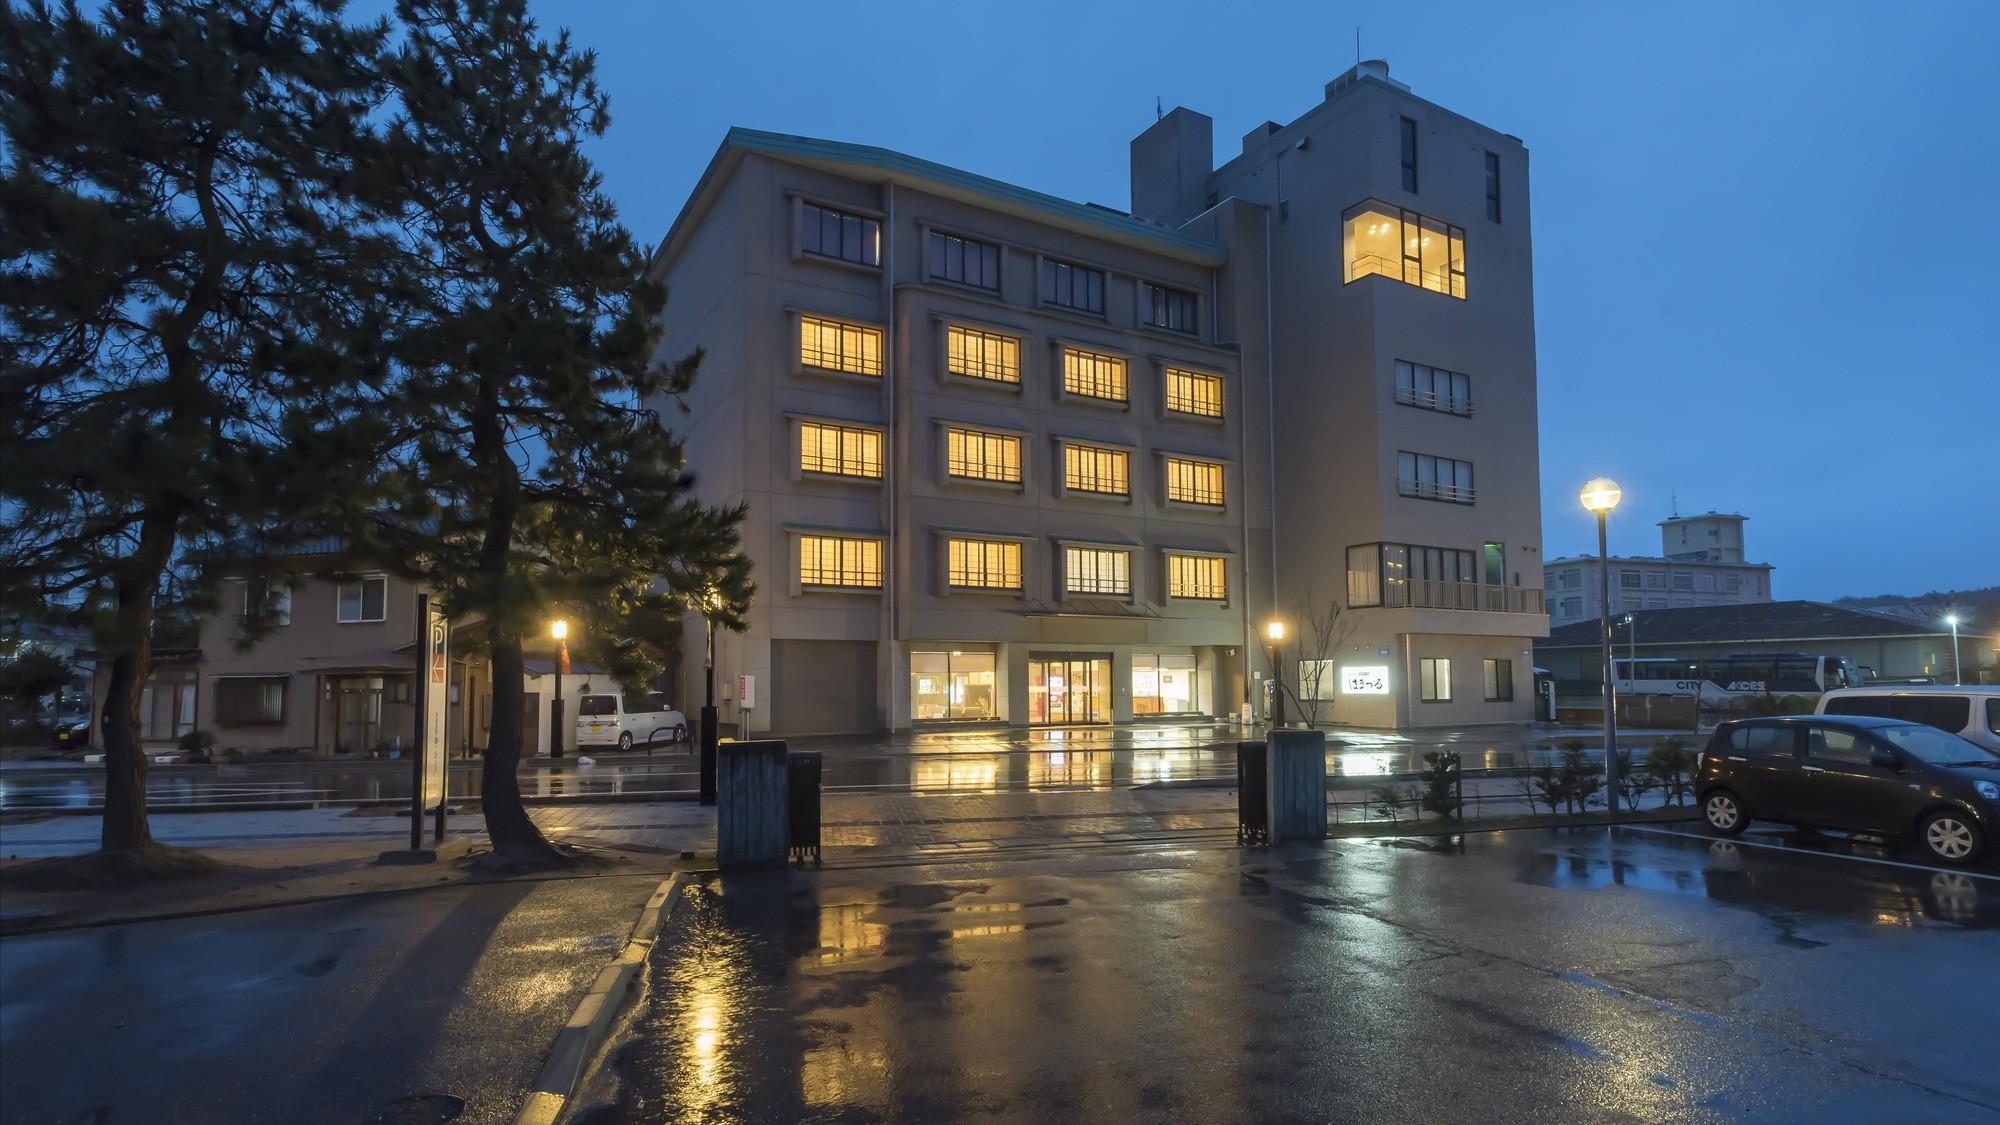 父の日に和倉温泉に行きます。源泉掛け流しでおすすめの温泉旅館を教えてください。